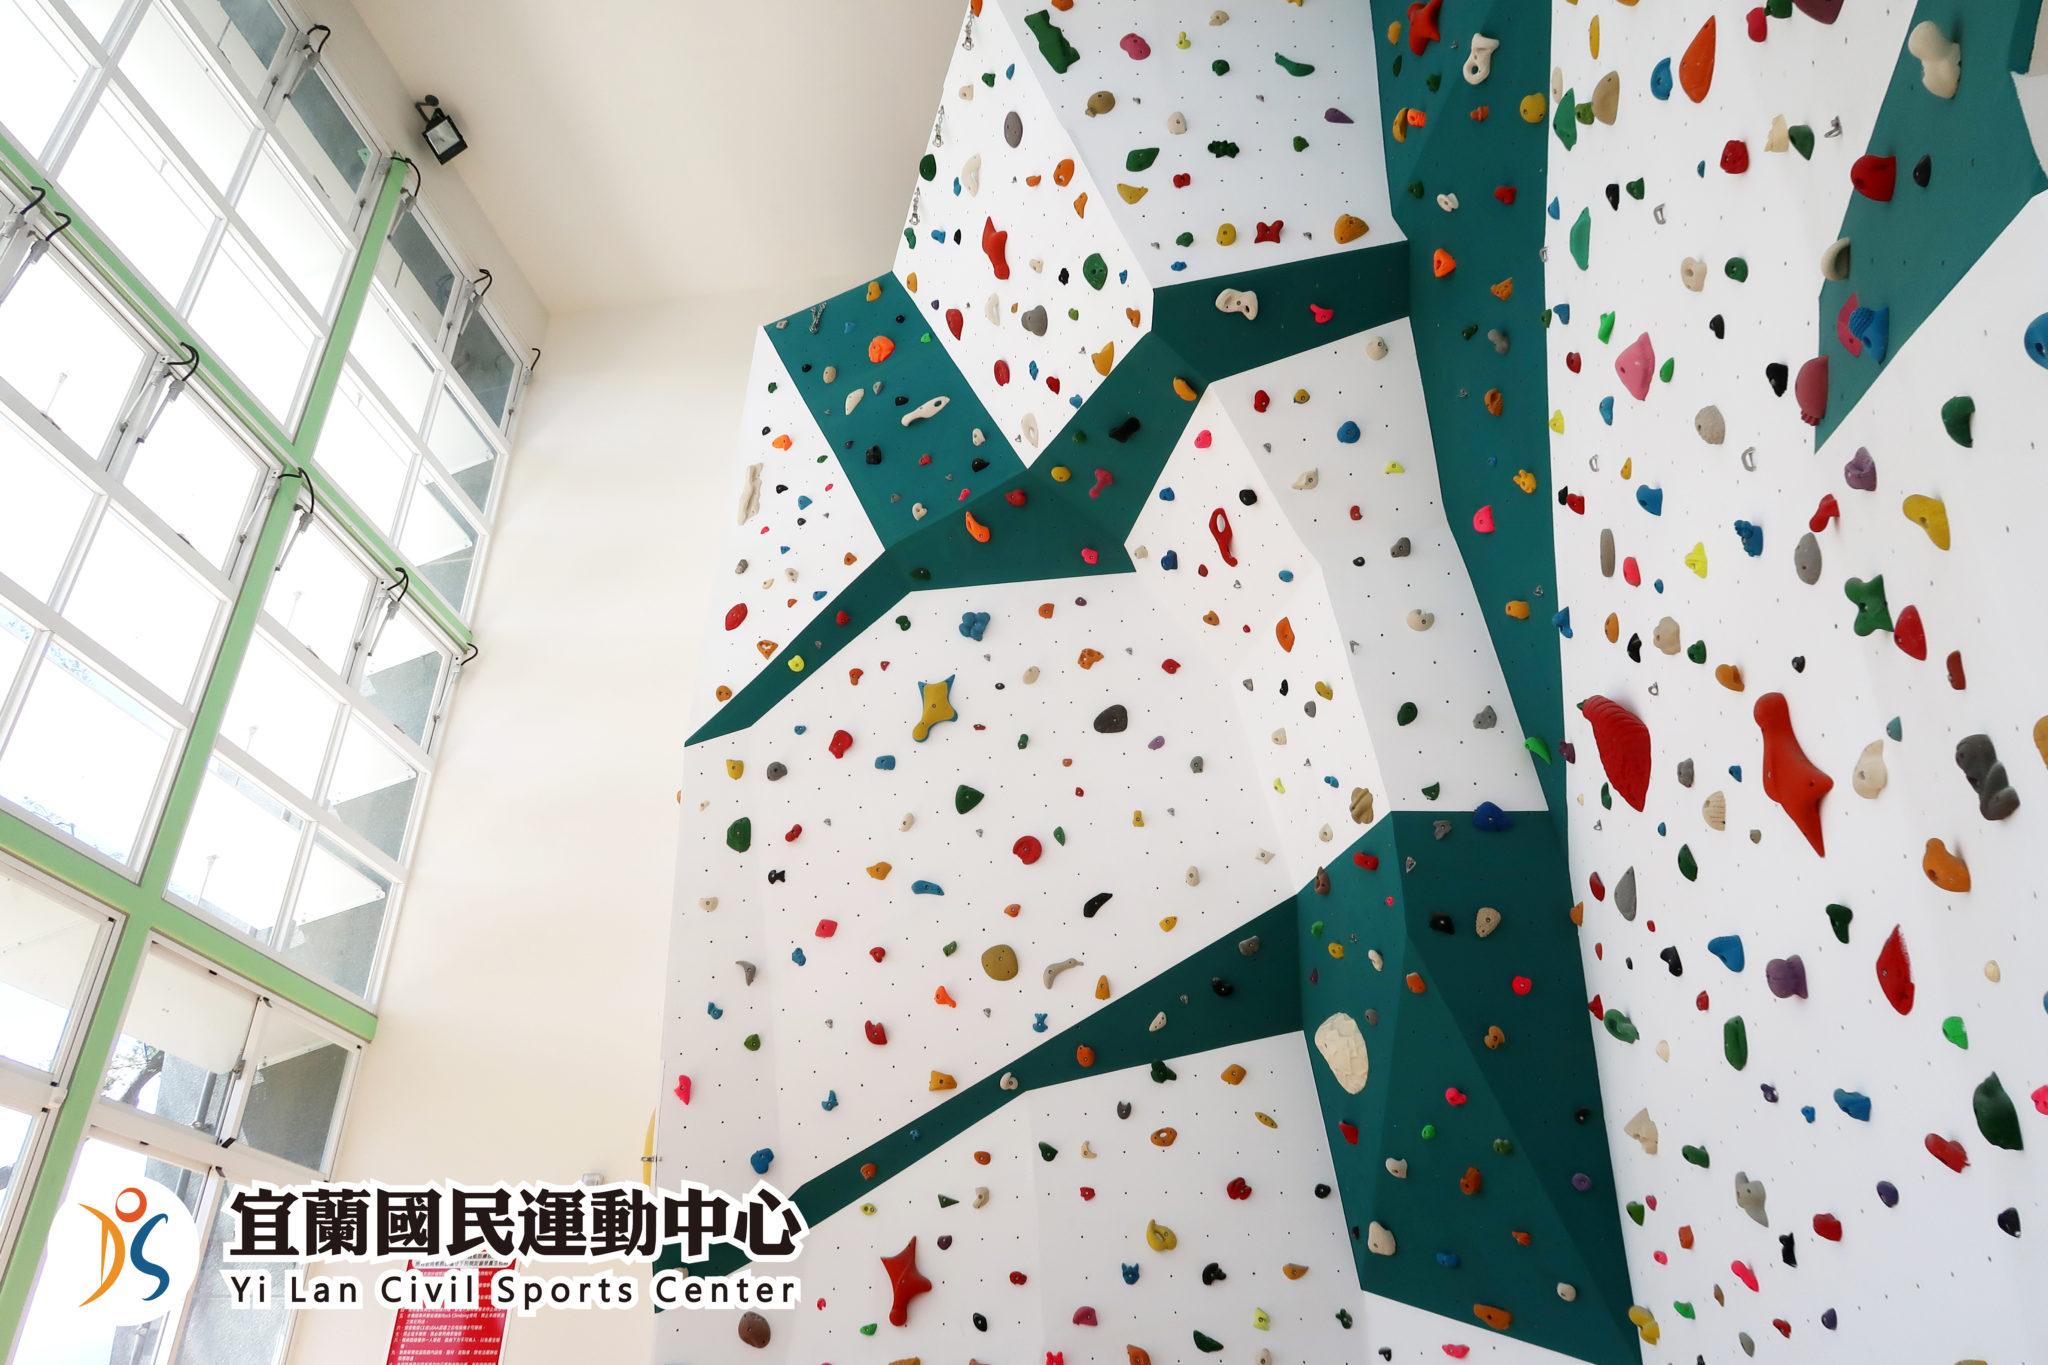 室內攀岩場挑戰高度極限(jpg)